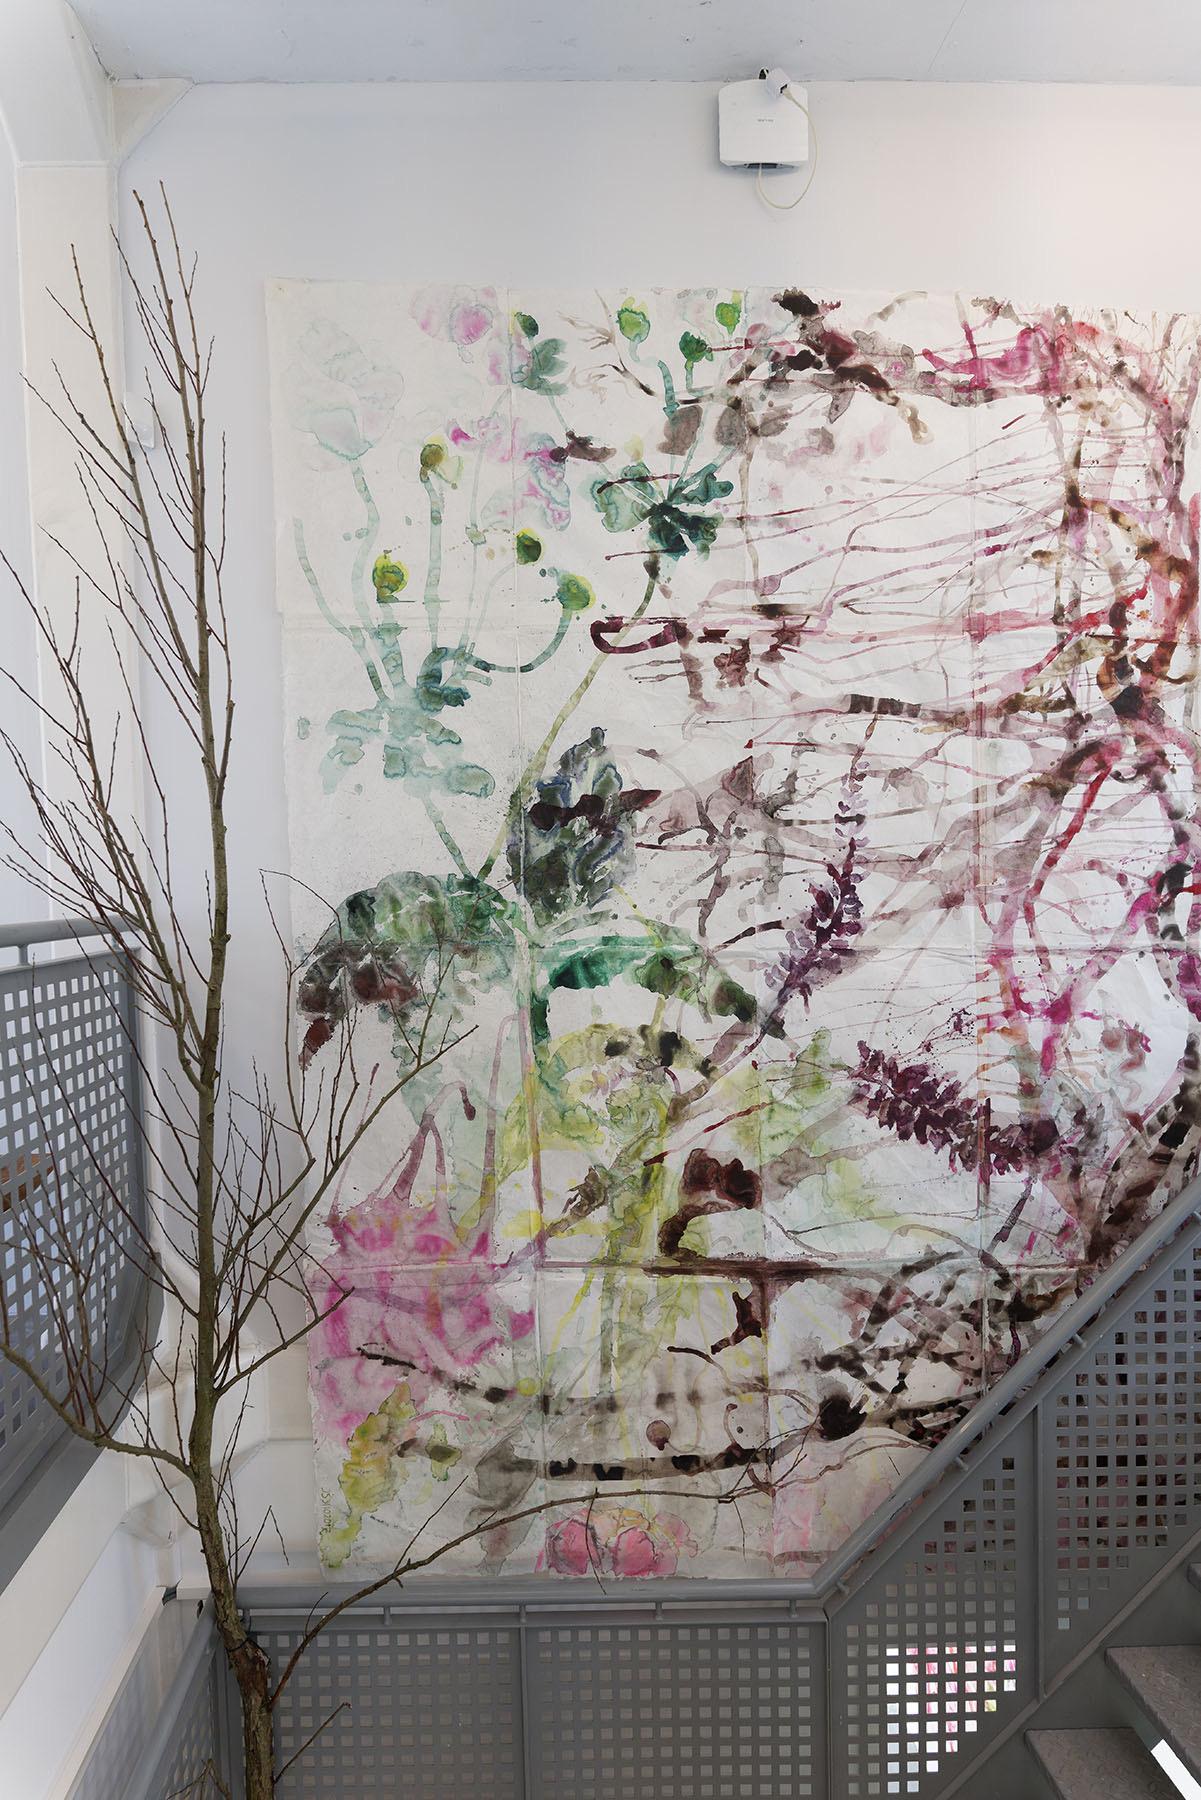 De Vrijstaat / Jolanda Schouten - Flower Bomb